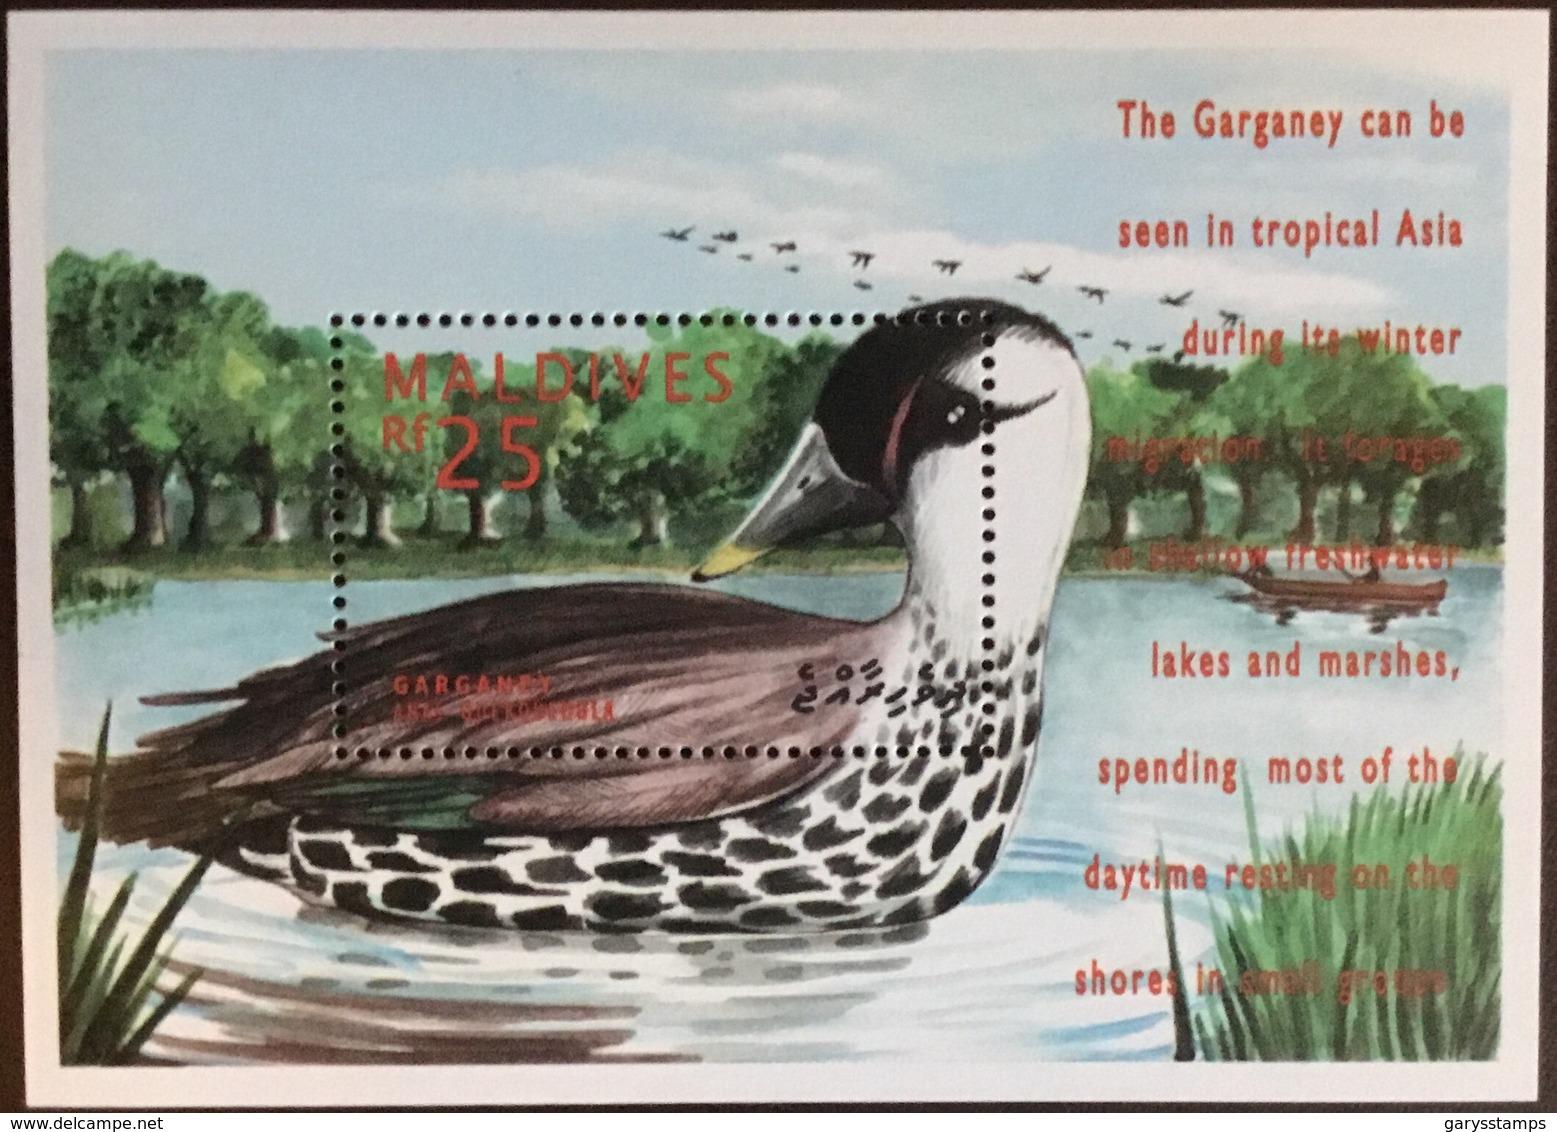 Maldives 1995 Birds Ducks Minisheet MNH - Vögel